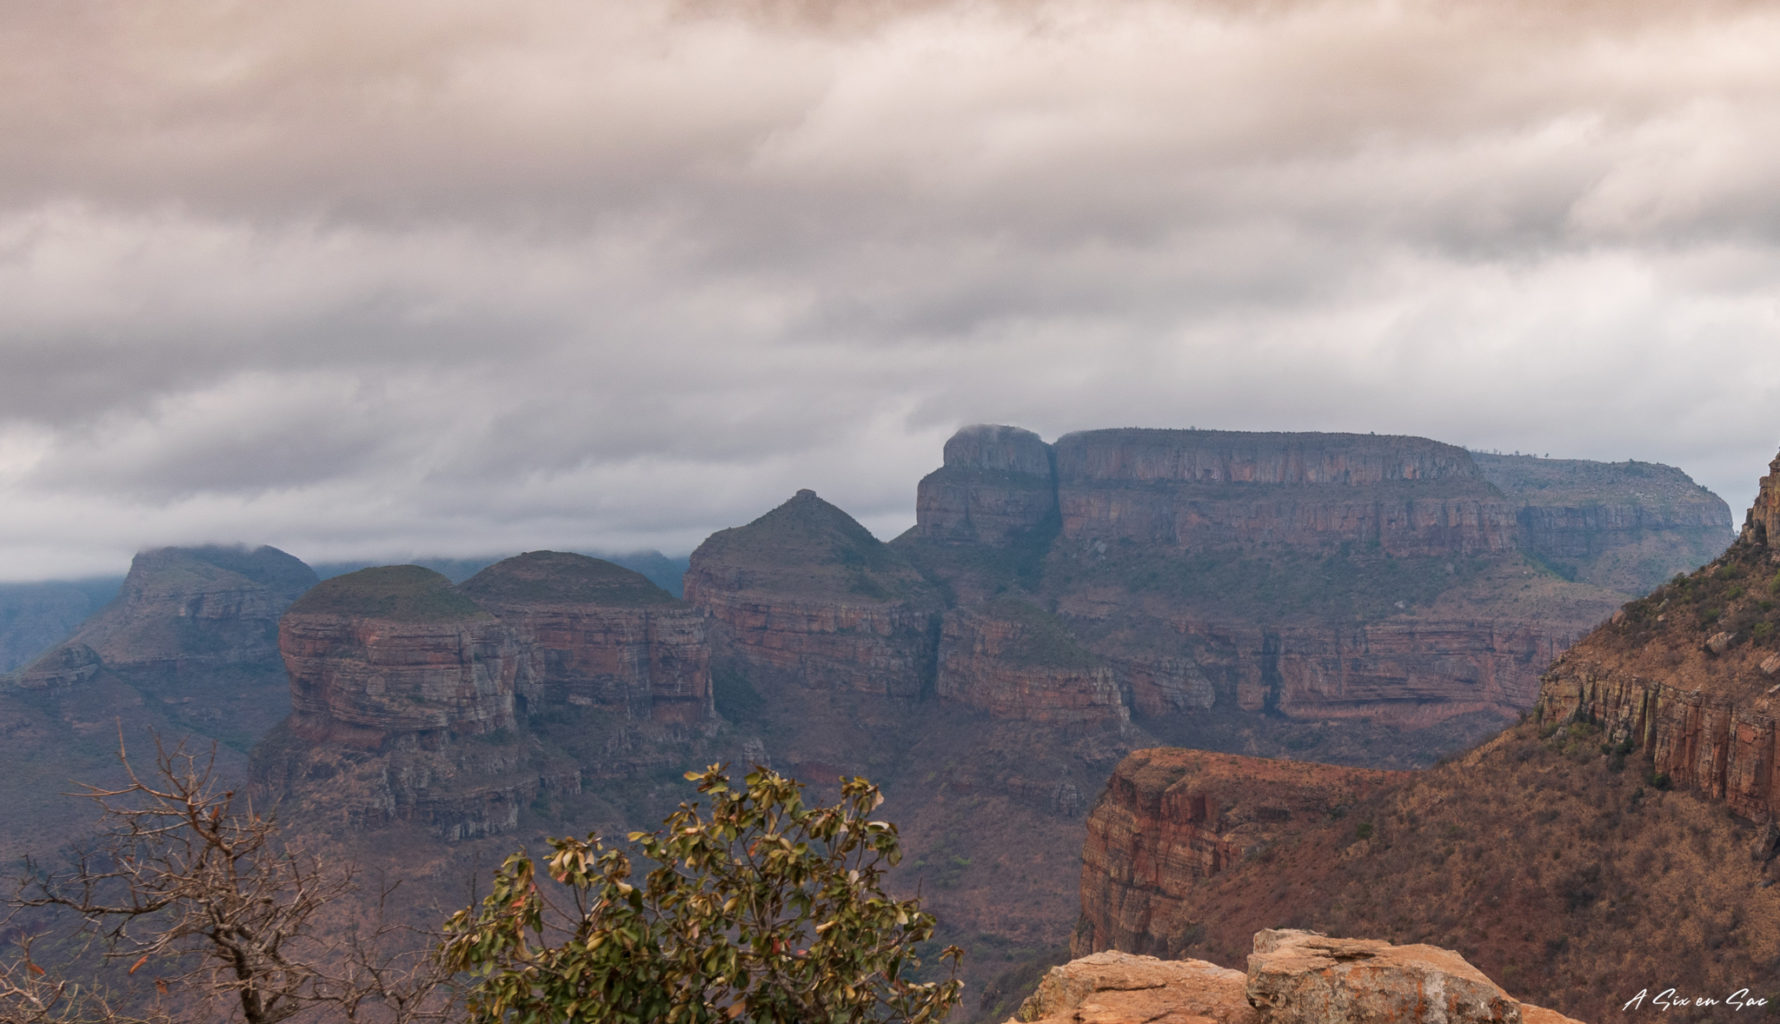 Les Three Rondavels dans la province du Mpumalanga aux portes du parc Kruger ( et son emblématique Blyde River Canyon )